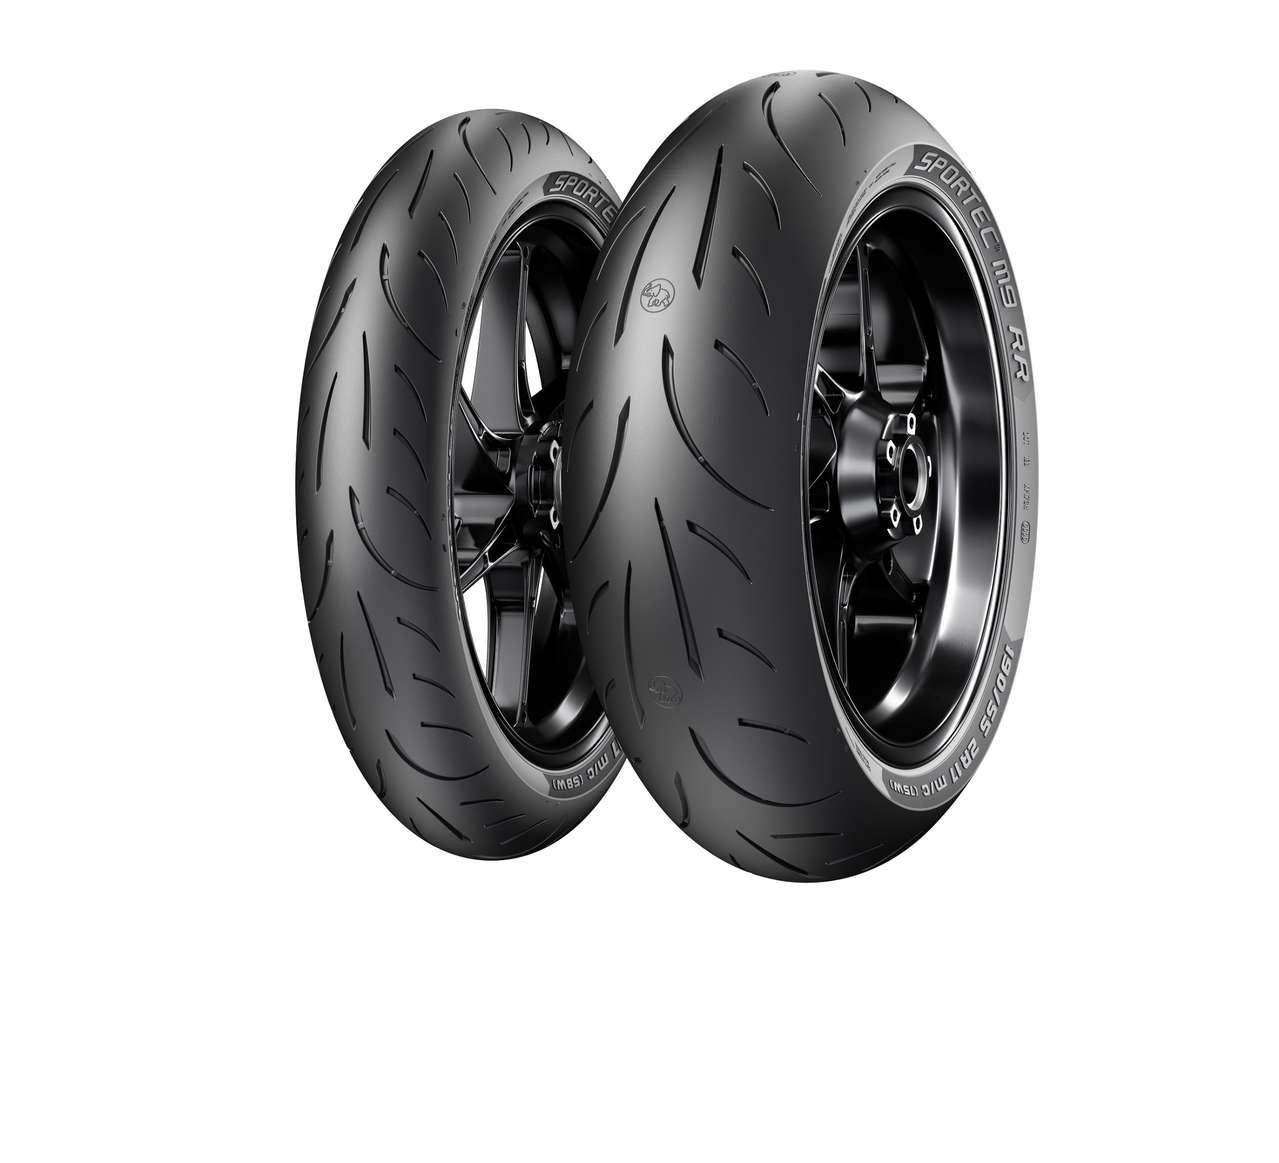 Der Metzeler Sportec M9 RR wird in 3 Vorderrad- und 9 Hinterrad-Dimensionen lieferbar sein.